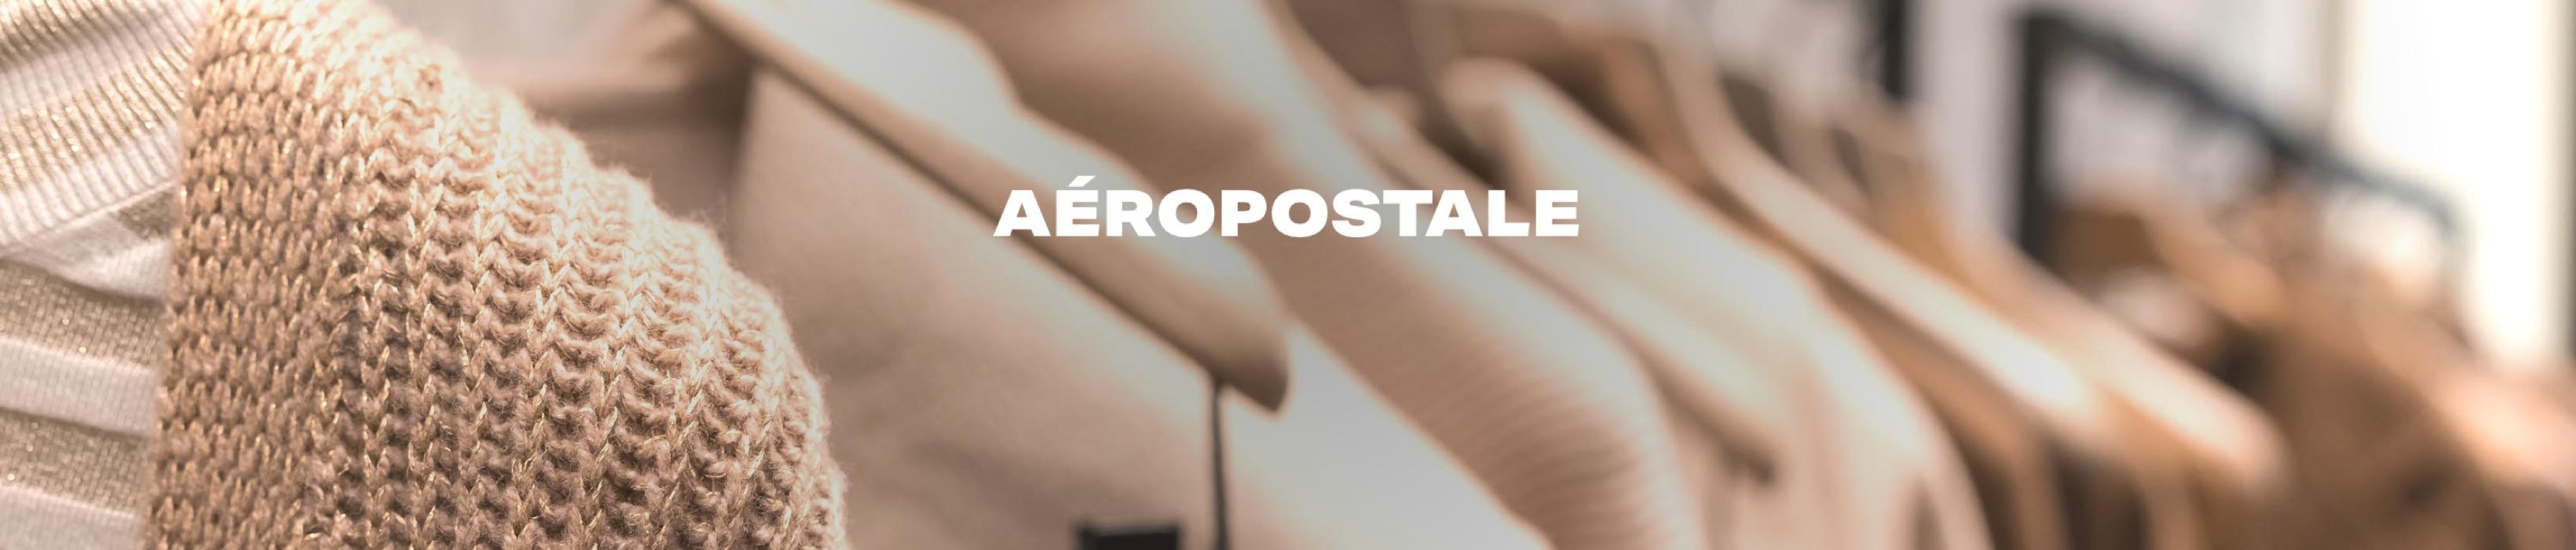 img-hero-cs-aeropostale@2x